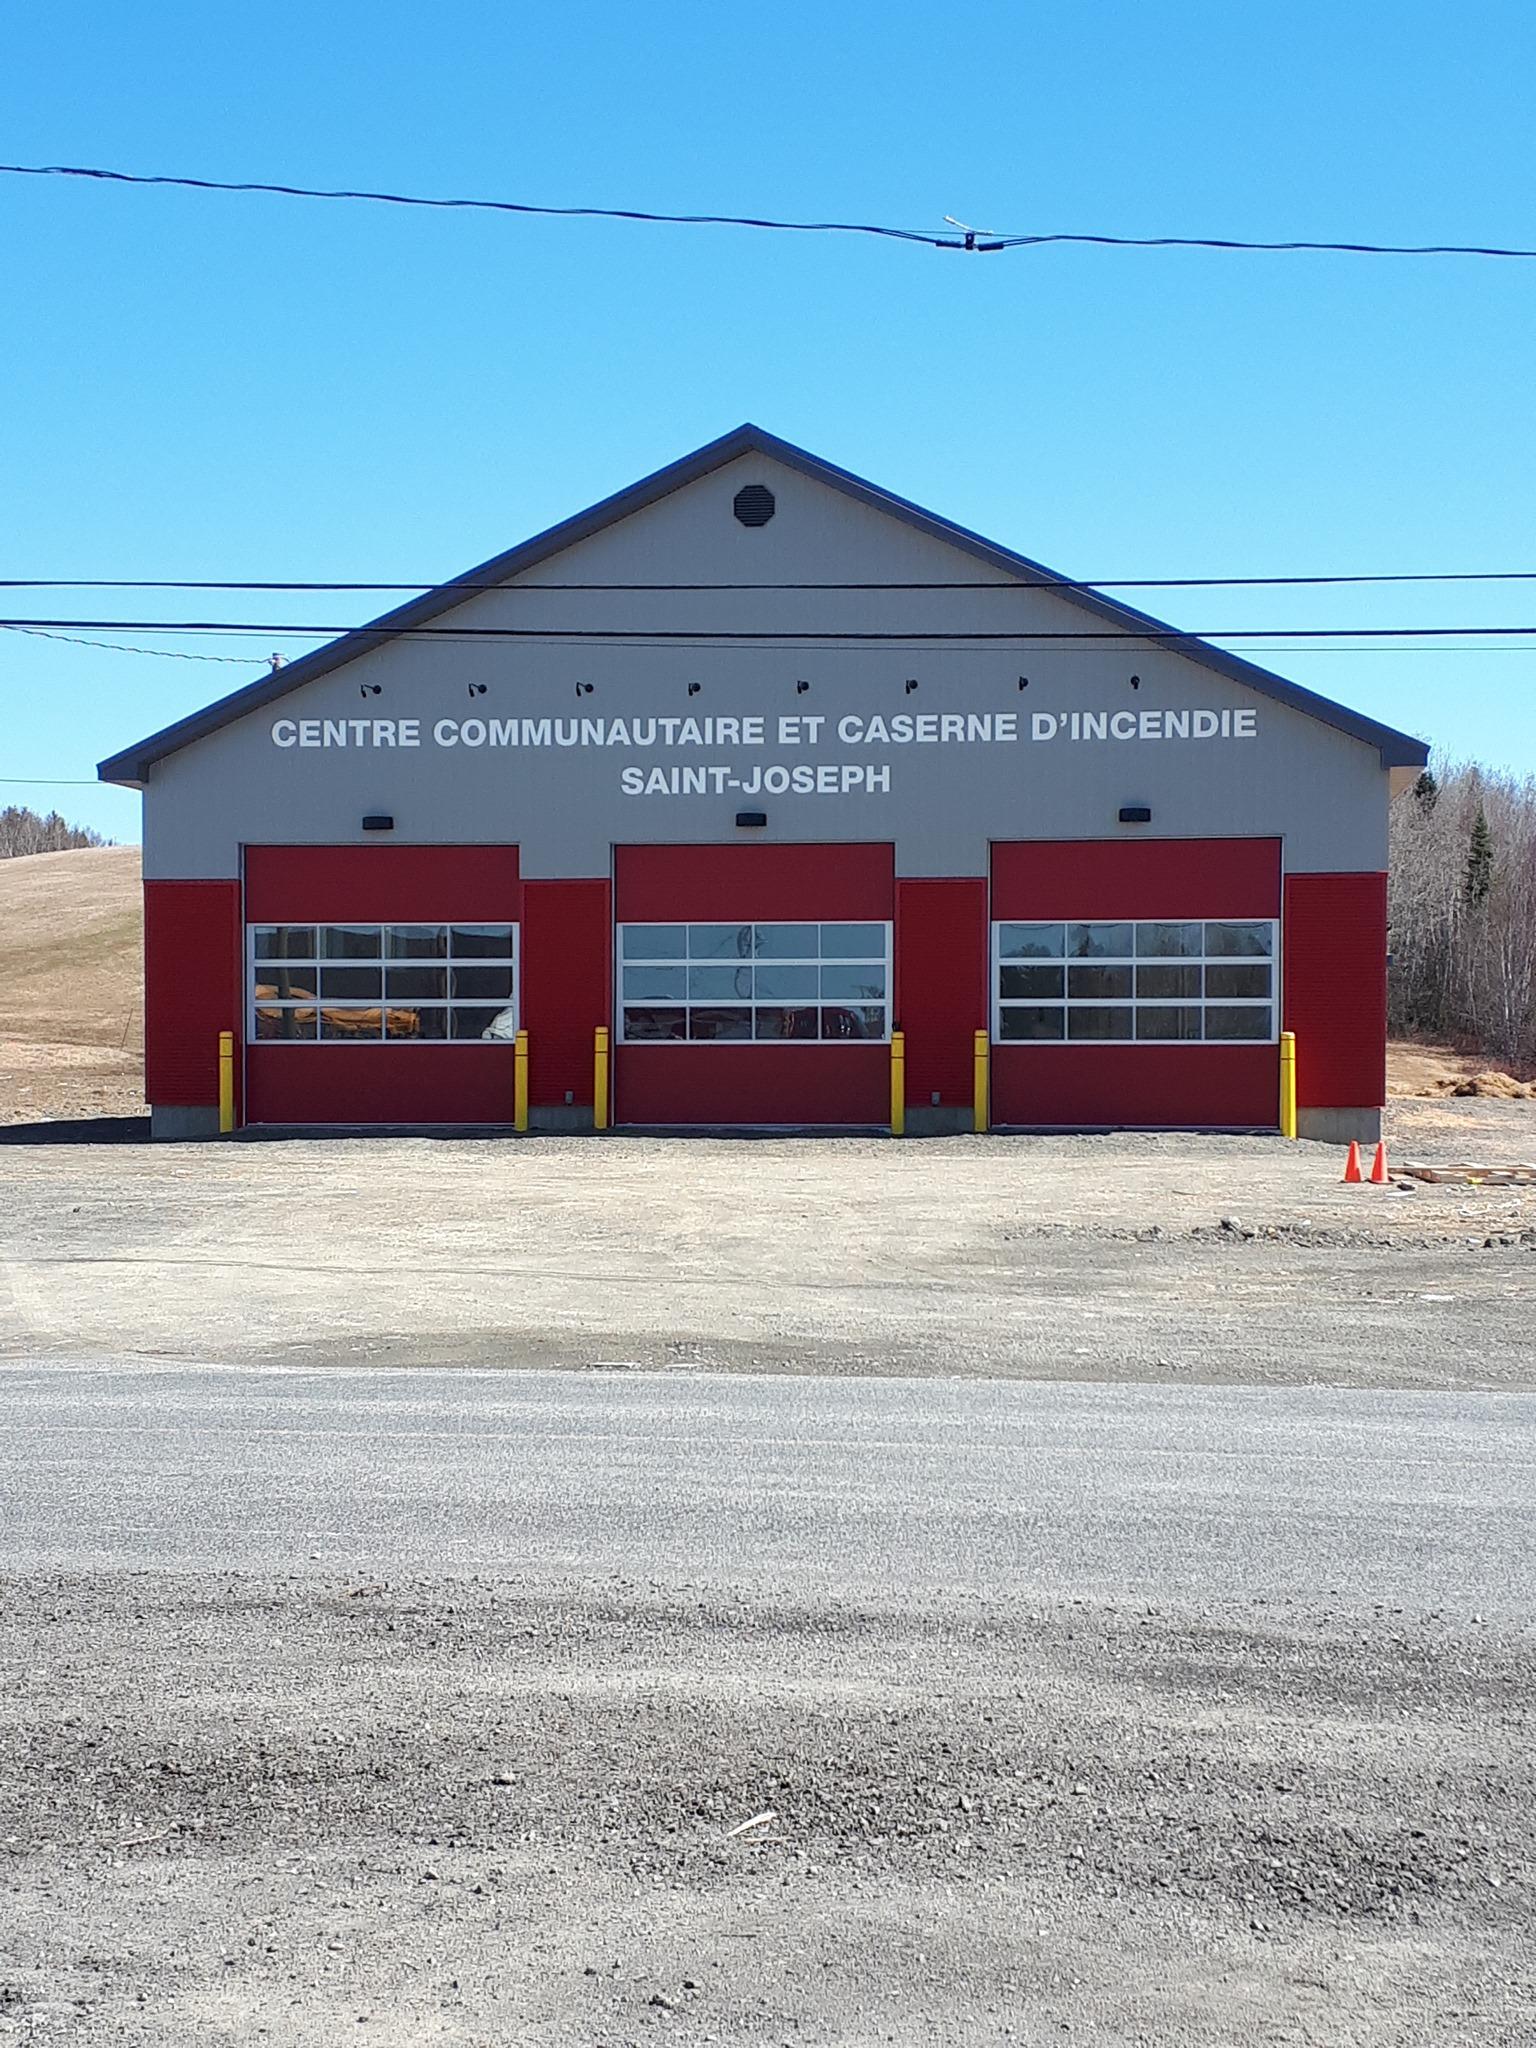 Caserne d'incendie St-Joseph